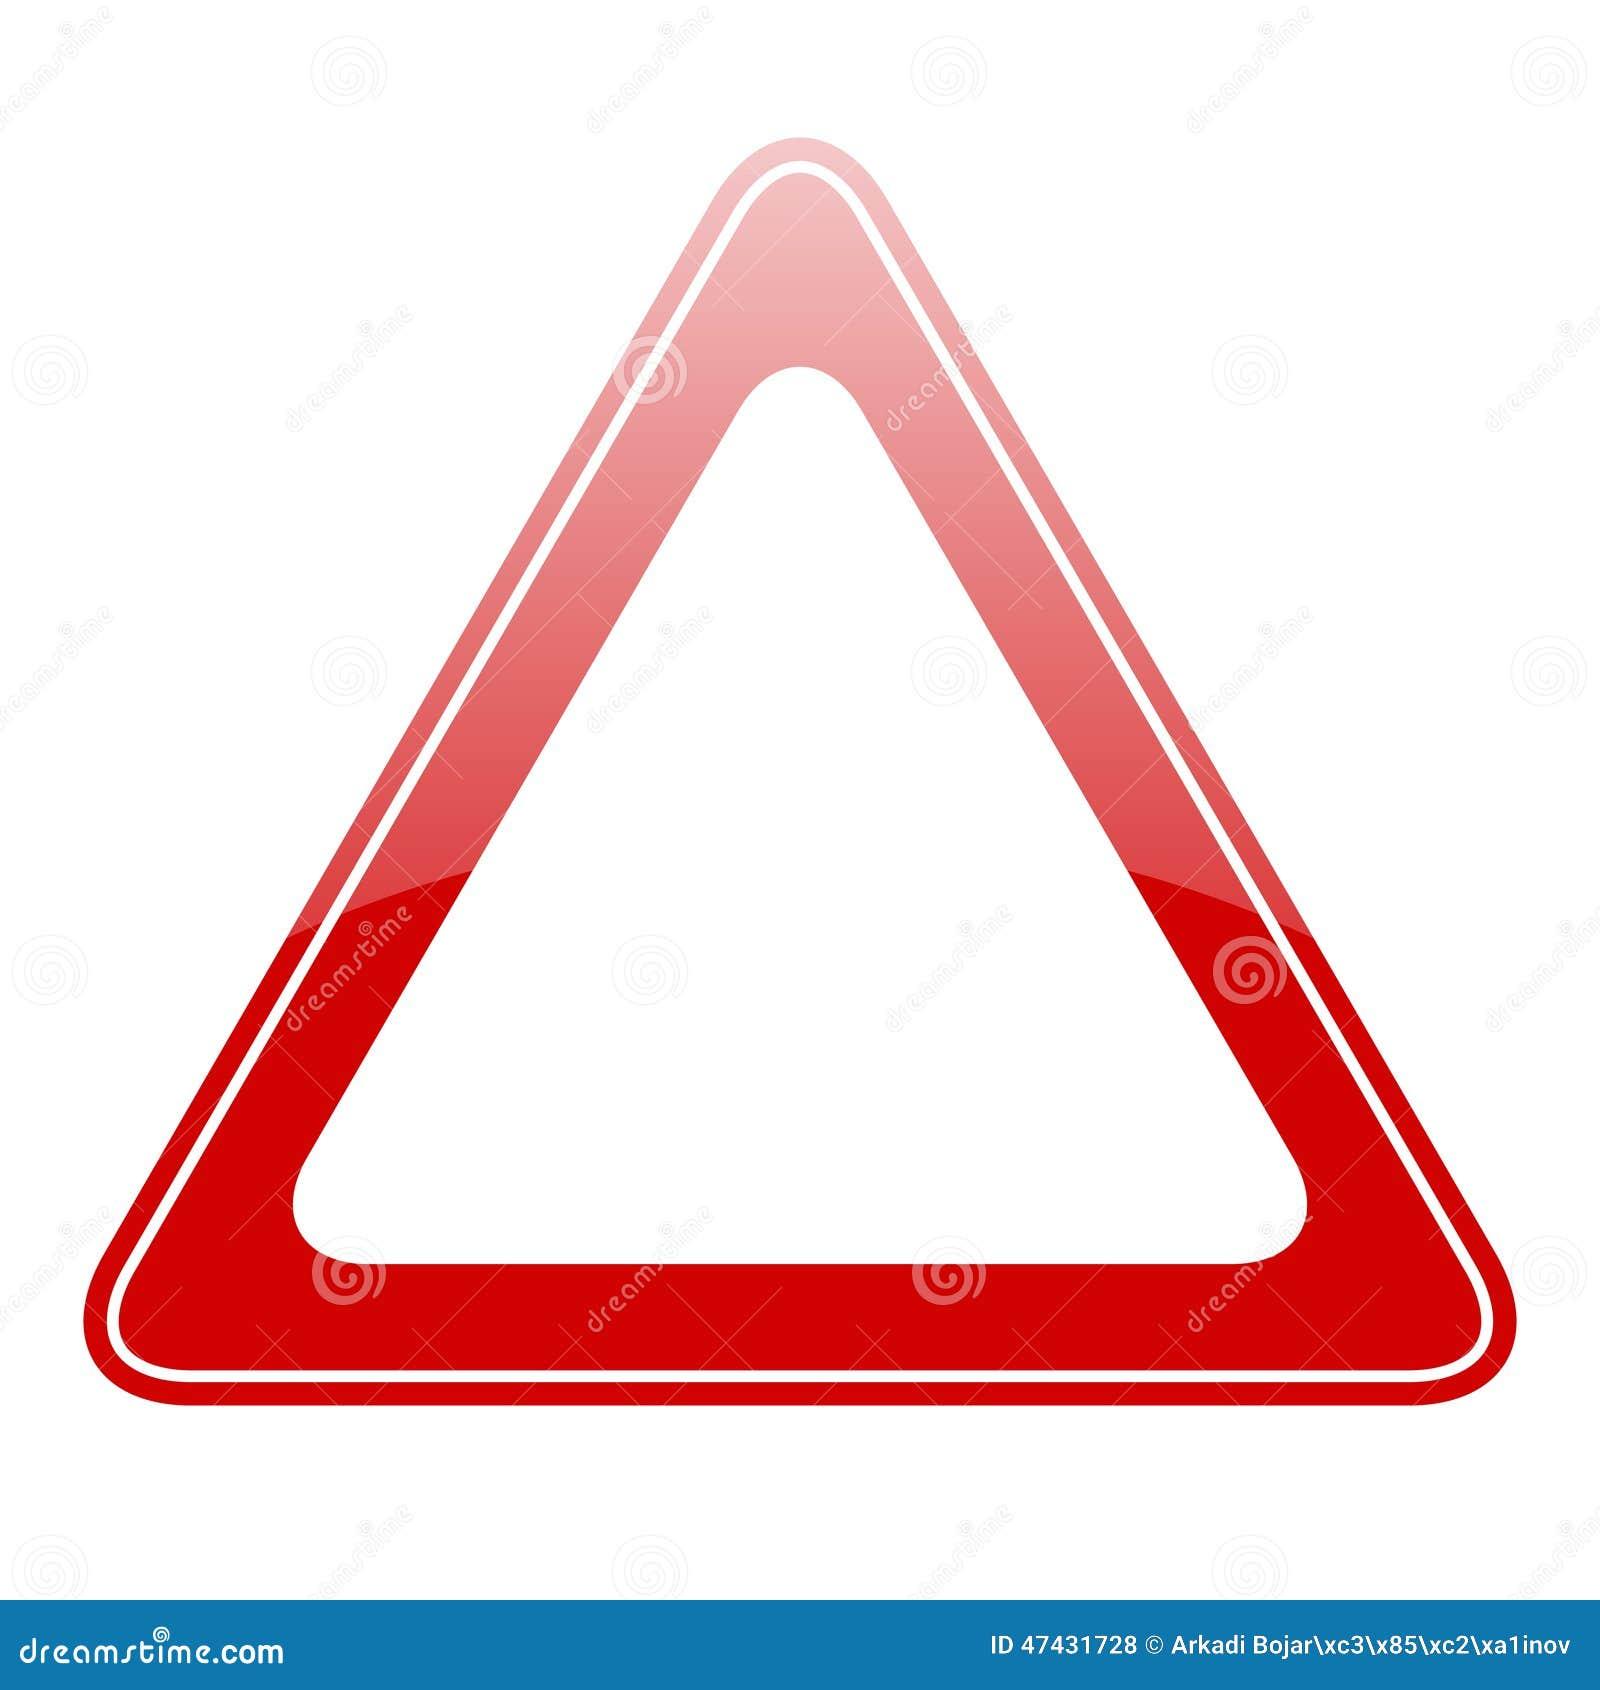 Segnale di pericolo in bianco illustrazione vettoriale immagine 47431728 - Piastrelle 15x15 bianco lucido ...